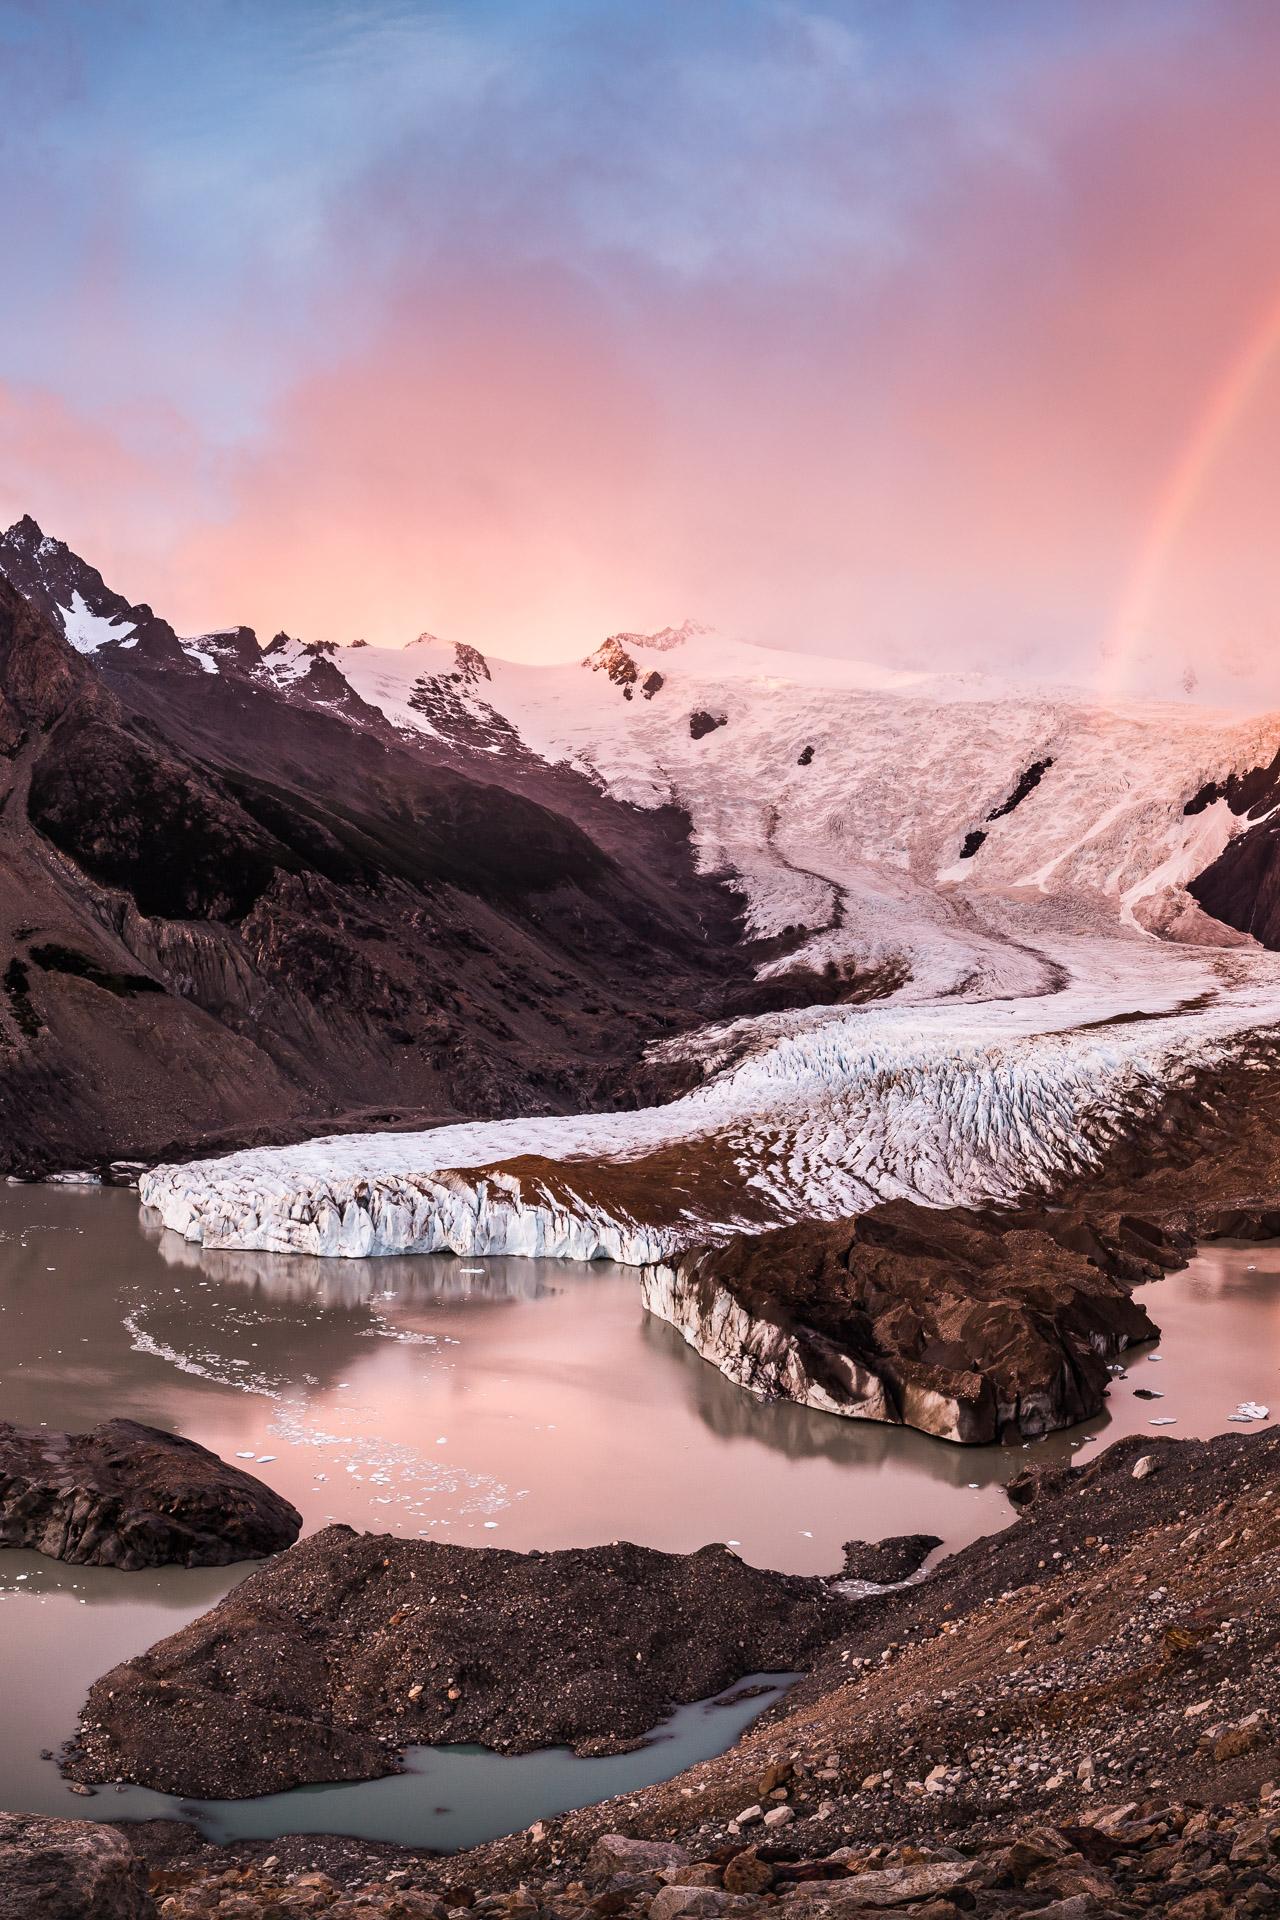 Patagonia-El-Chalten-Cerro-Torre-2017-_MG_5825-Pano